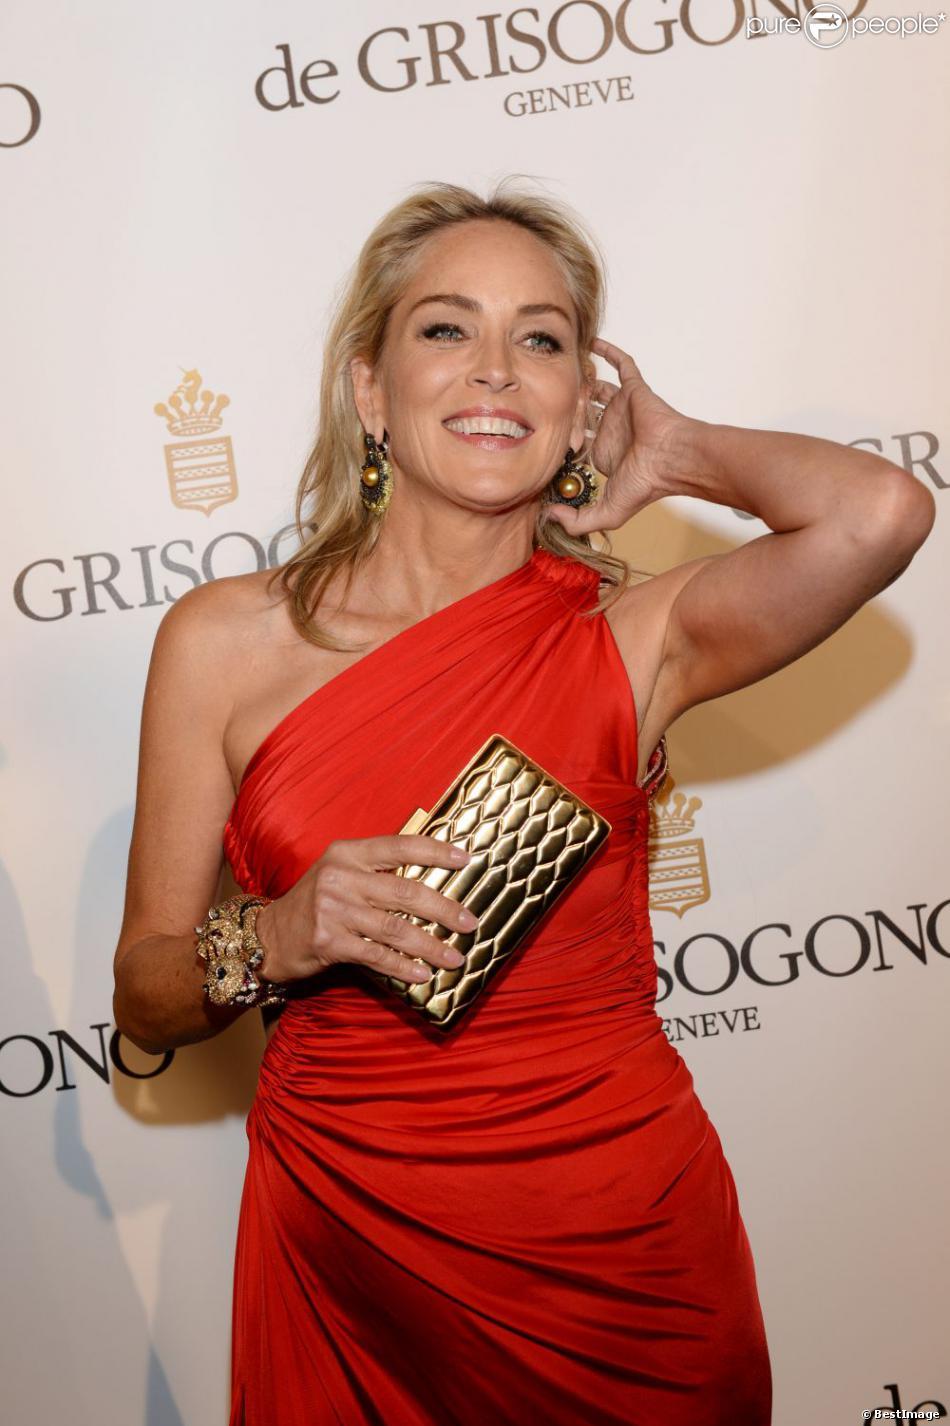 """Sharon Stone lors du photocall de la soirée """"de Grisogono"""", marque de bijoux et de montres de luxe, à l'Eden Roc au Cap d'Antibes dans le cadre du 66e Festival de Cannes. Le 21 mai 2013."""